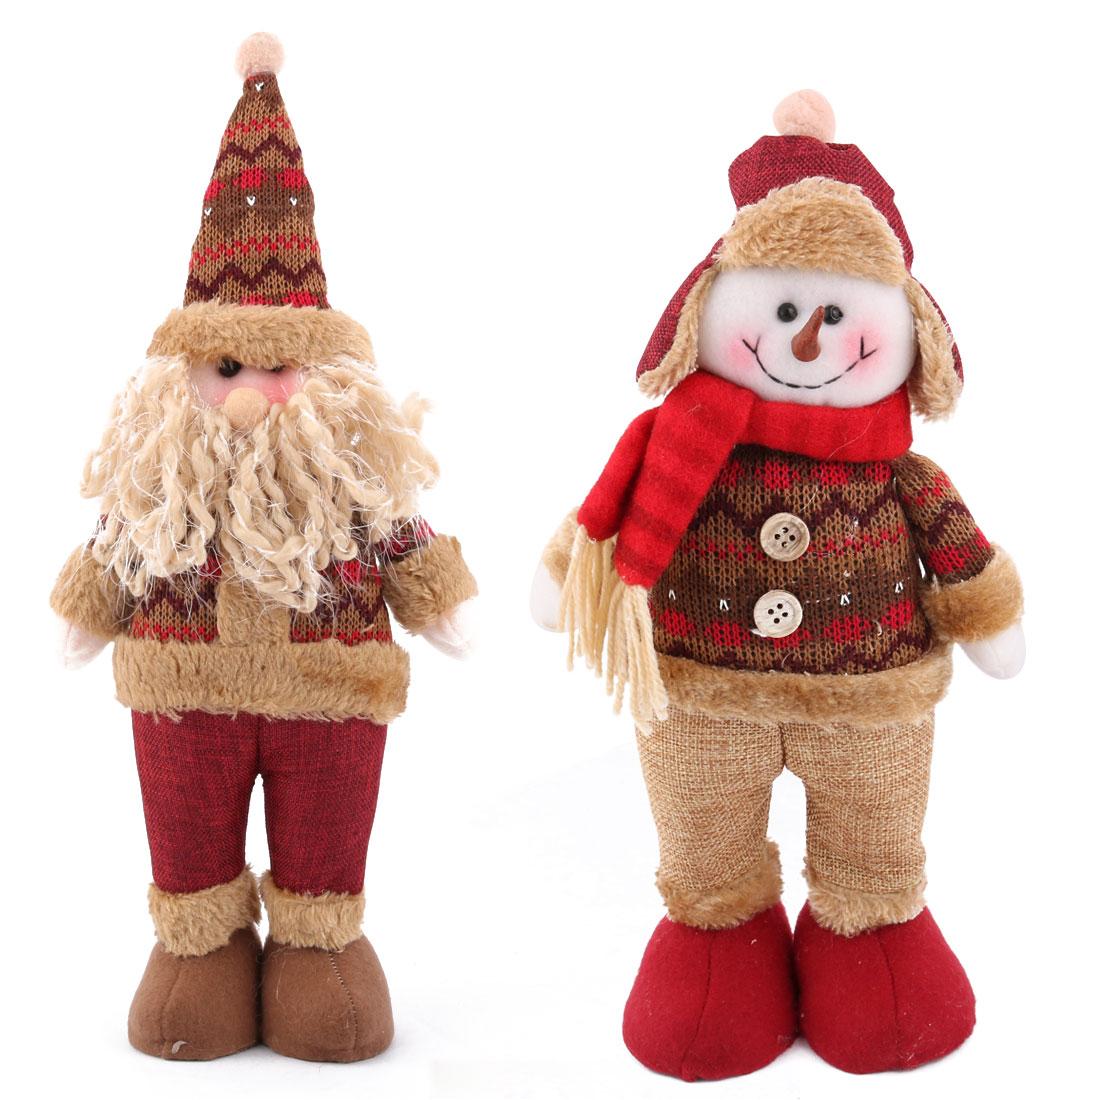 Unique Bargains Christmas Cotton Blends Santa Claus Snowman Design Toy Gift 2 in 1